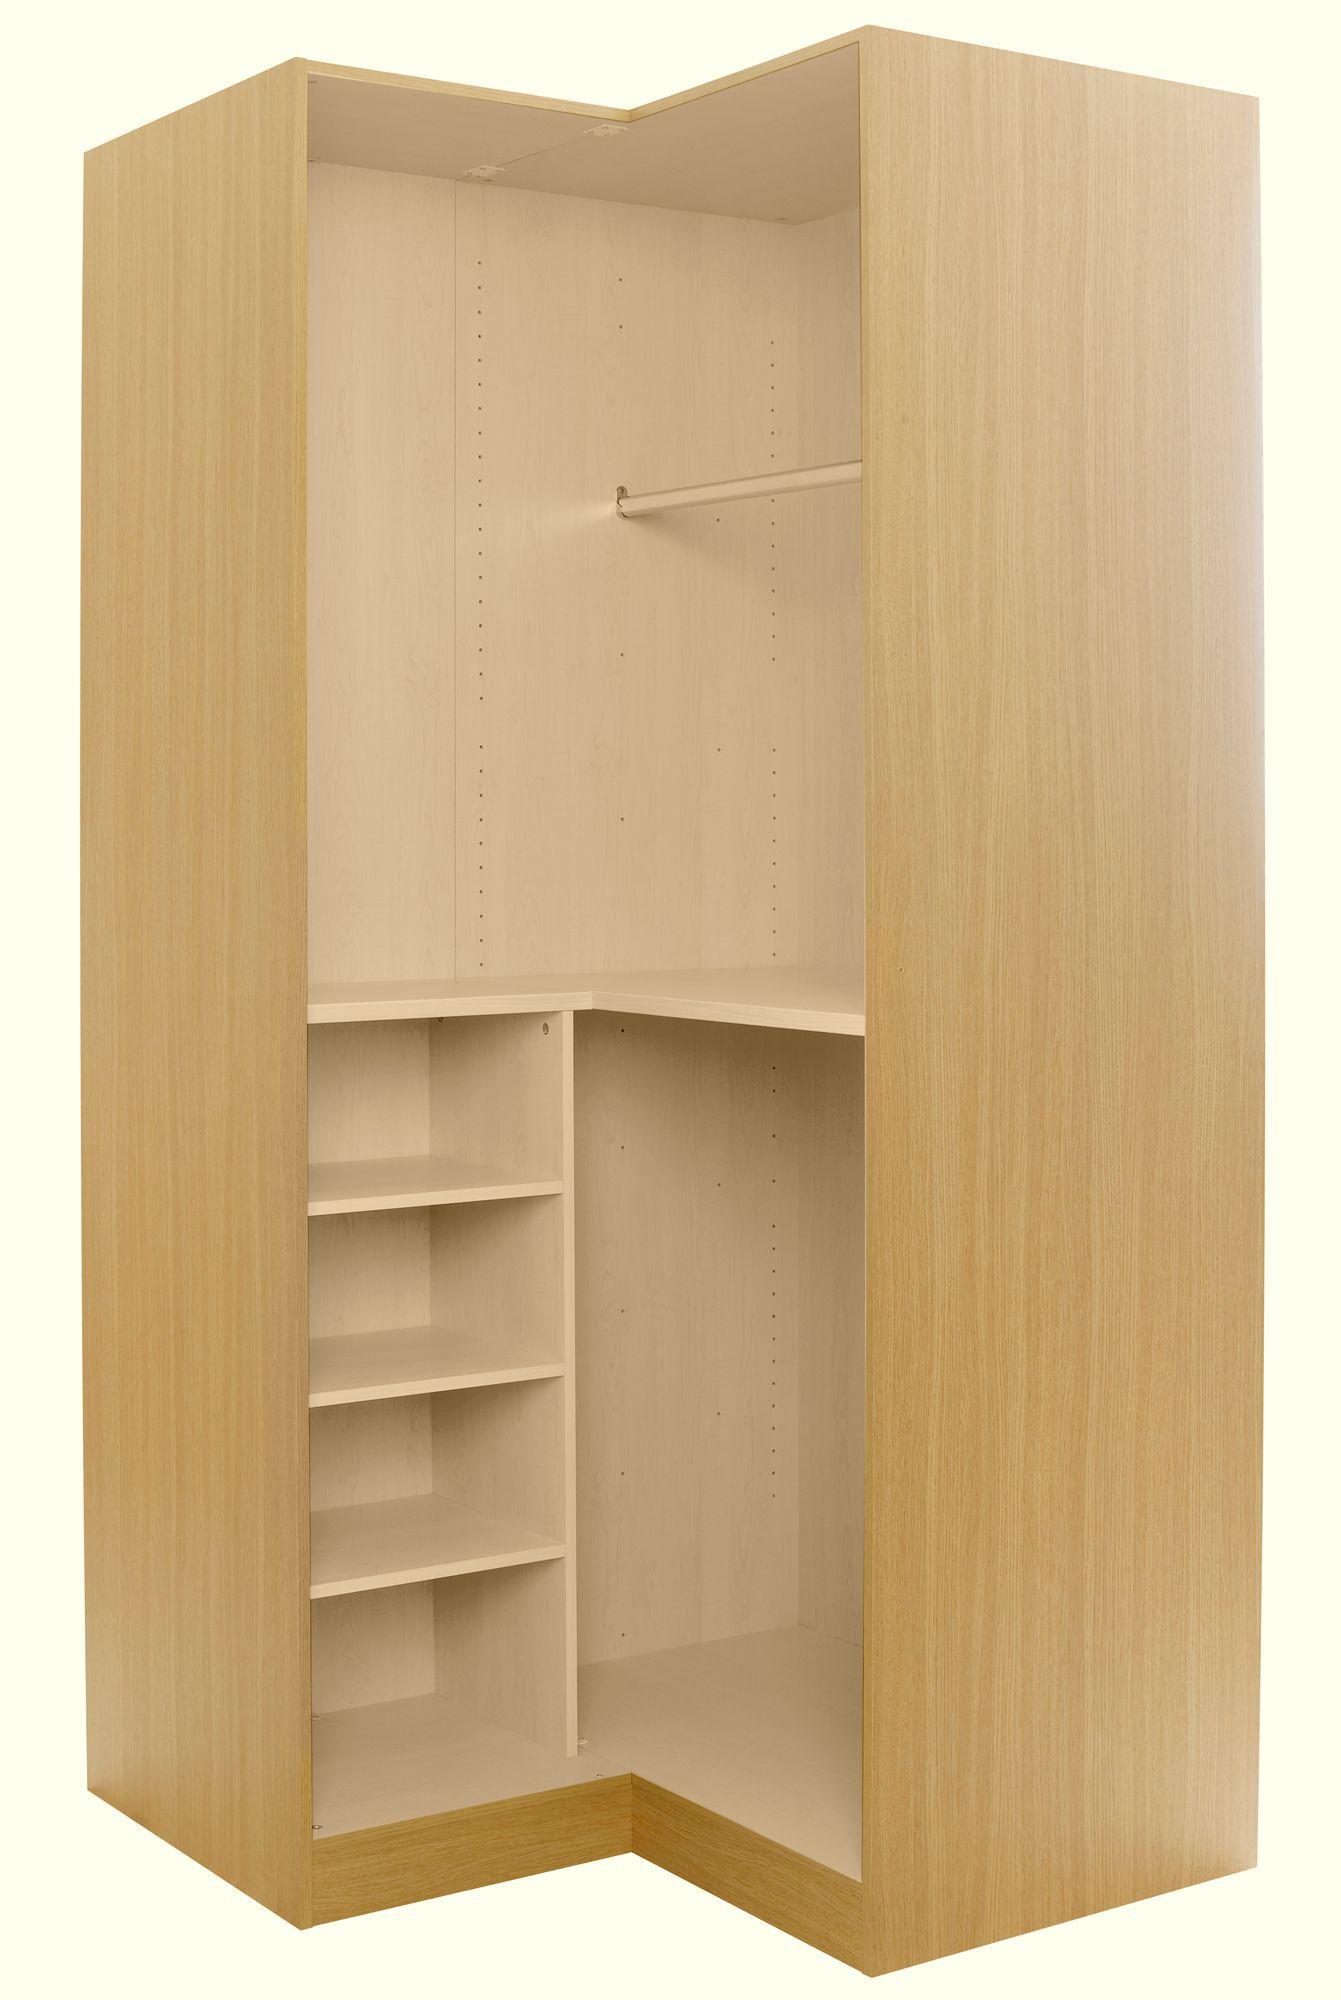 Oak Effect Corner Wardrobe Carcass H 2112mm W 1060mm